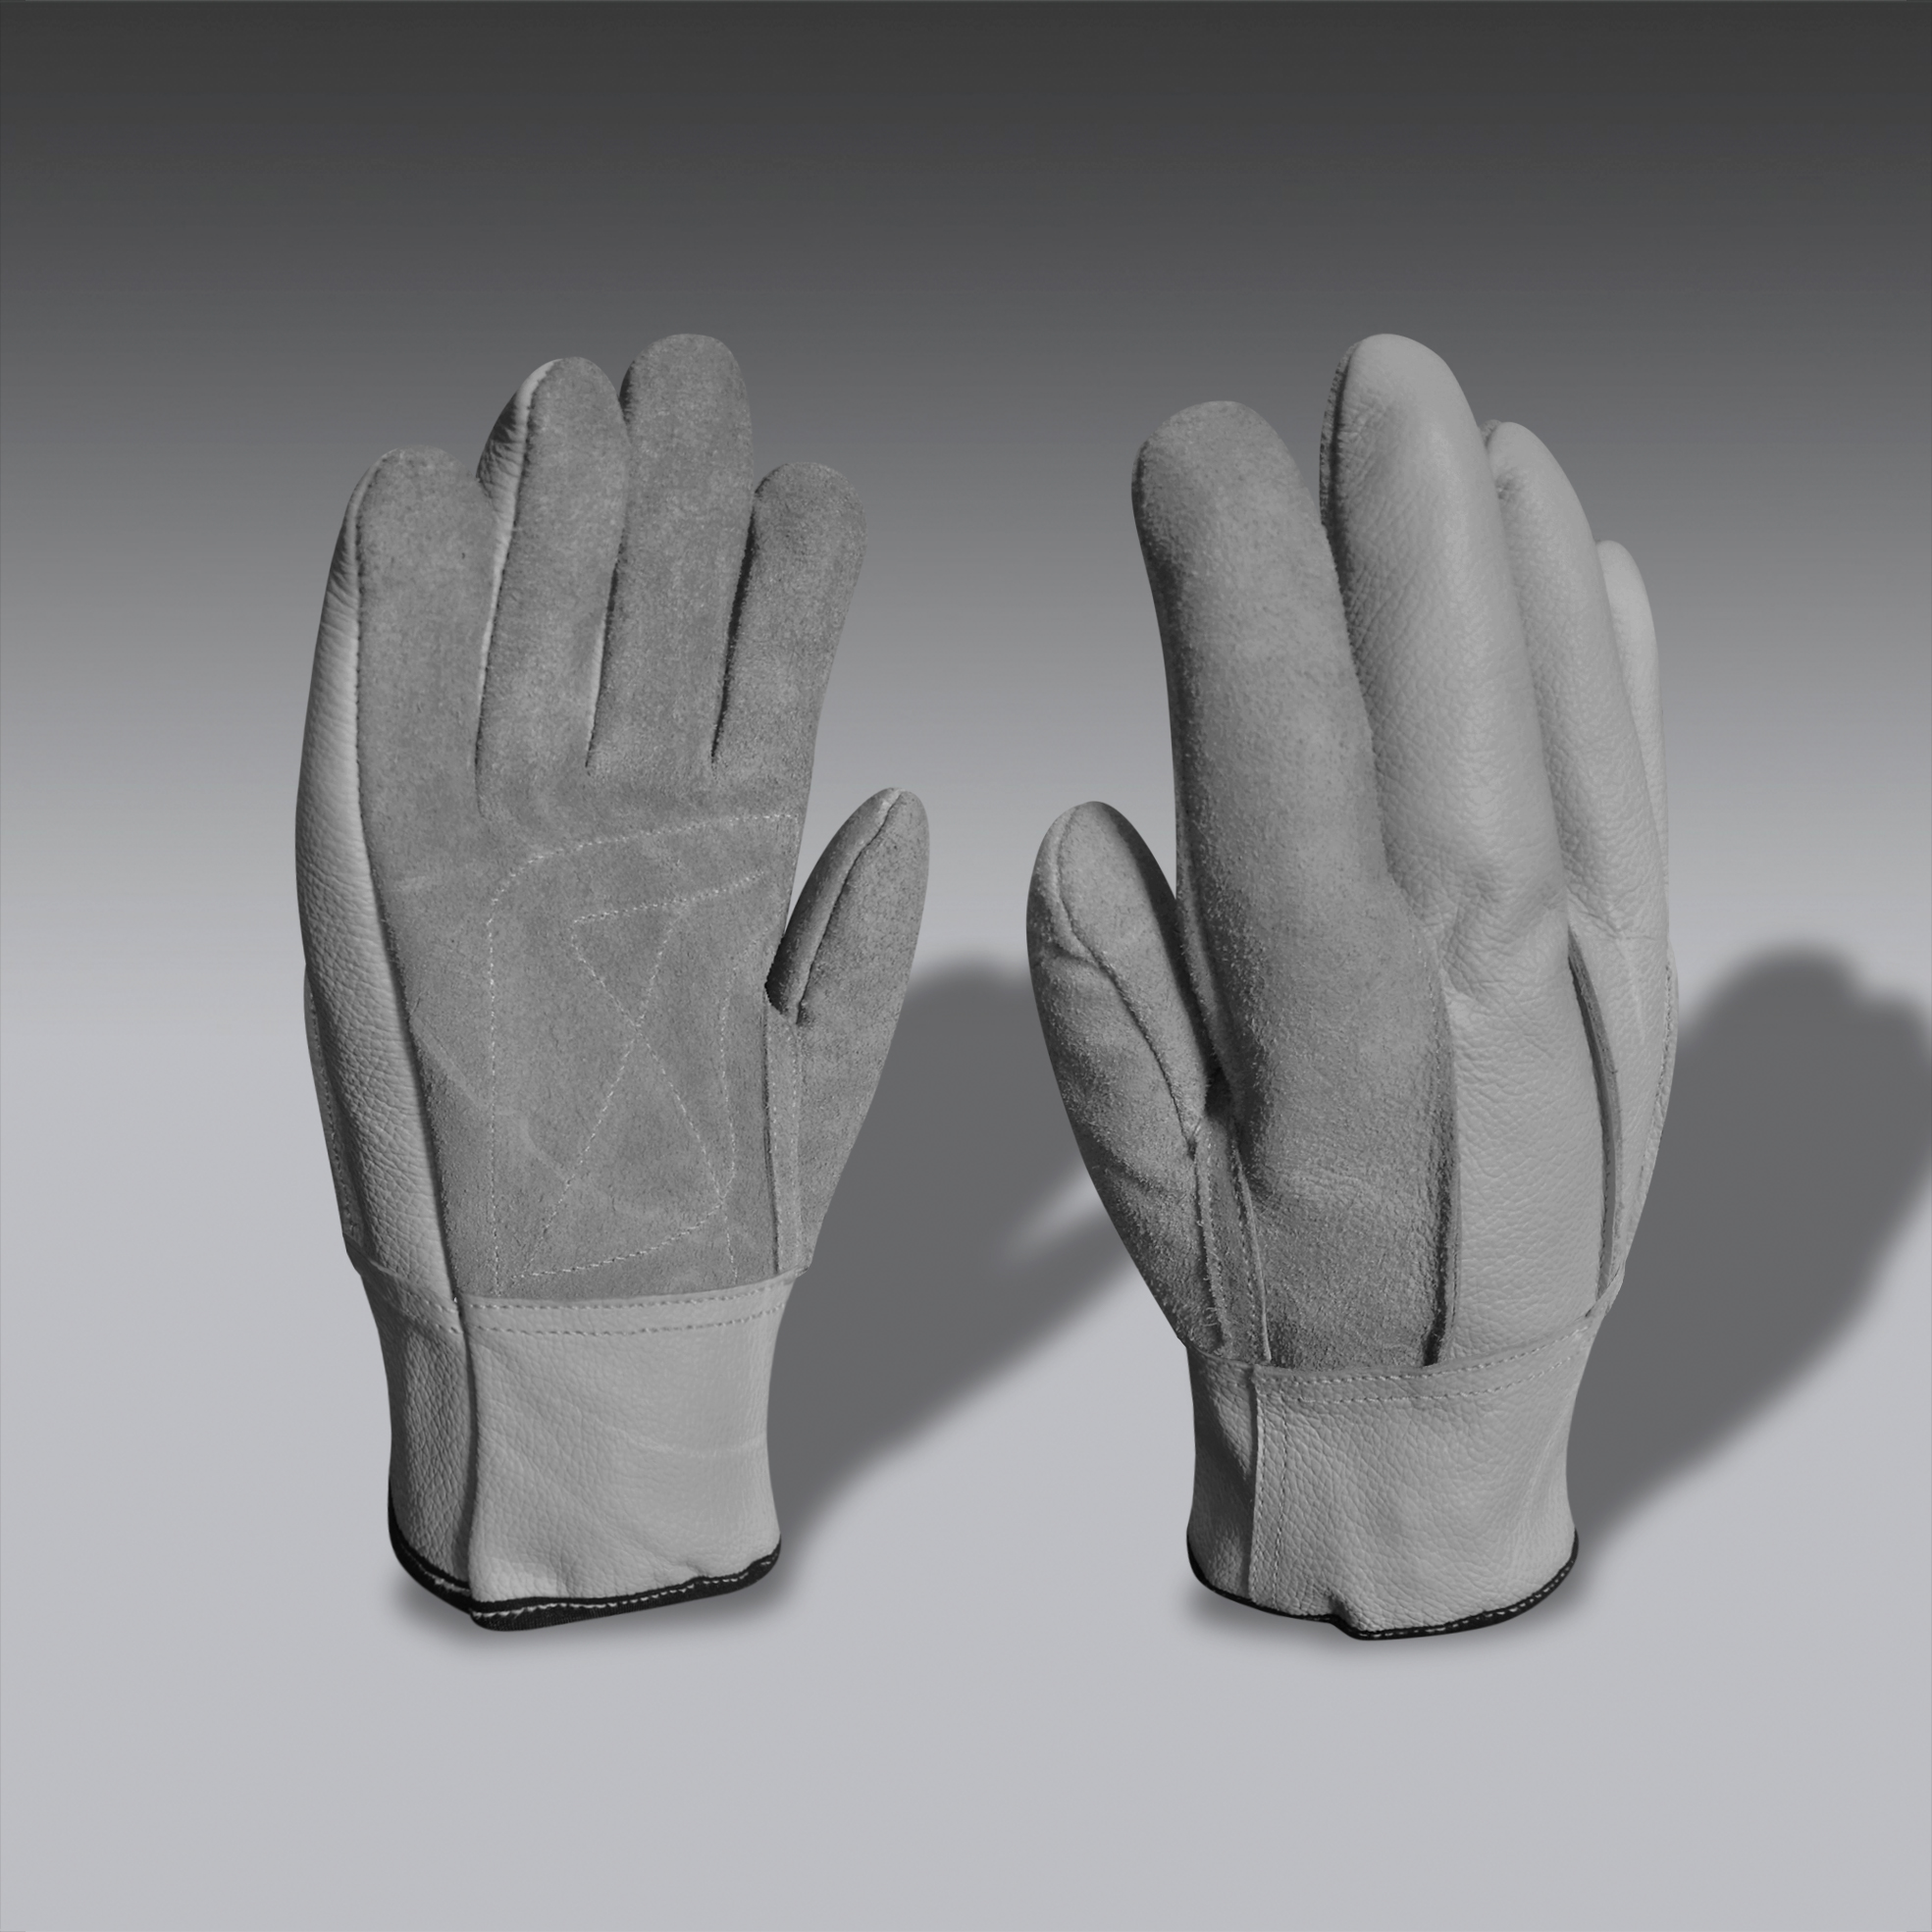 guantes para la seguridad industrial modelo CarEco 03 guantes de seguridad industrial modelo CarEco 03